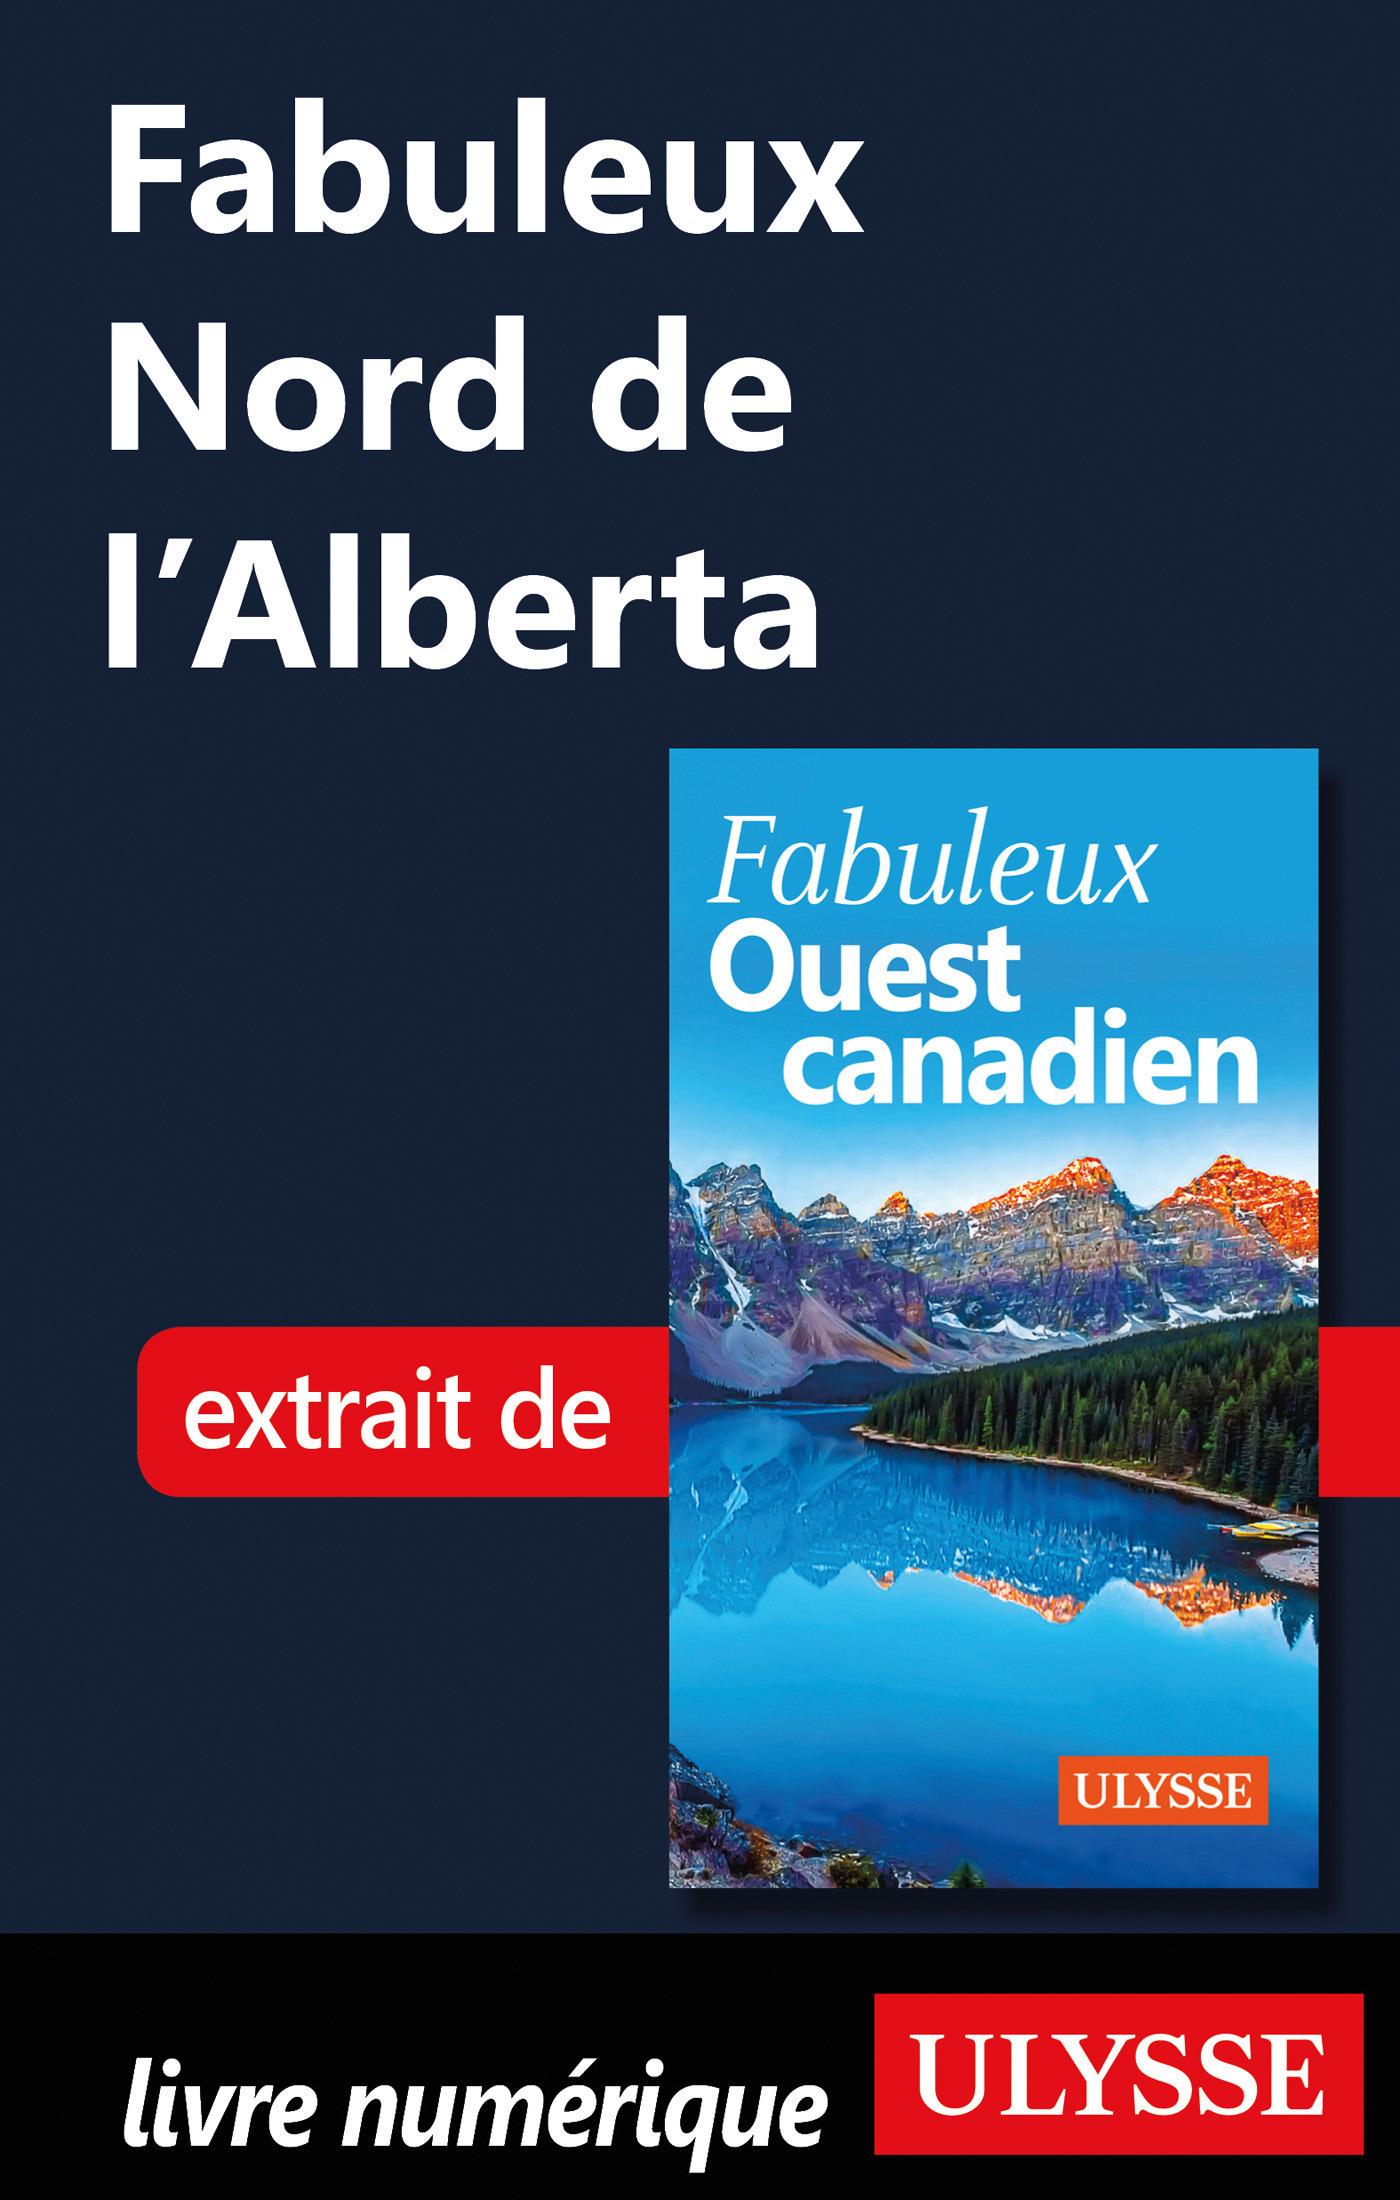 Fabuleux Nord de l'Alberta